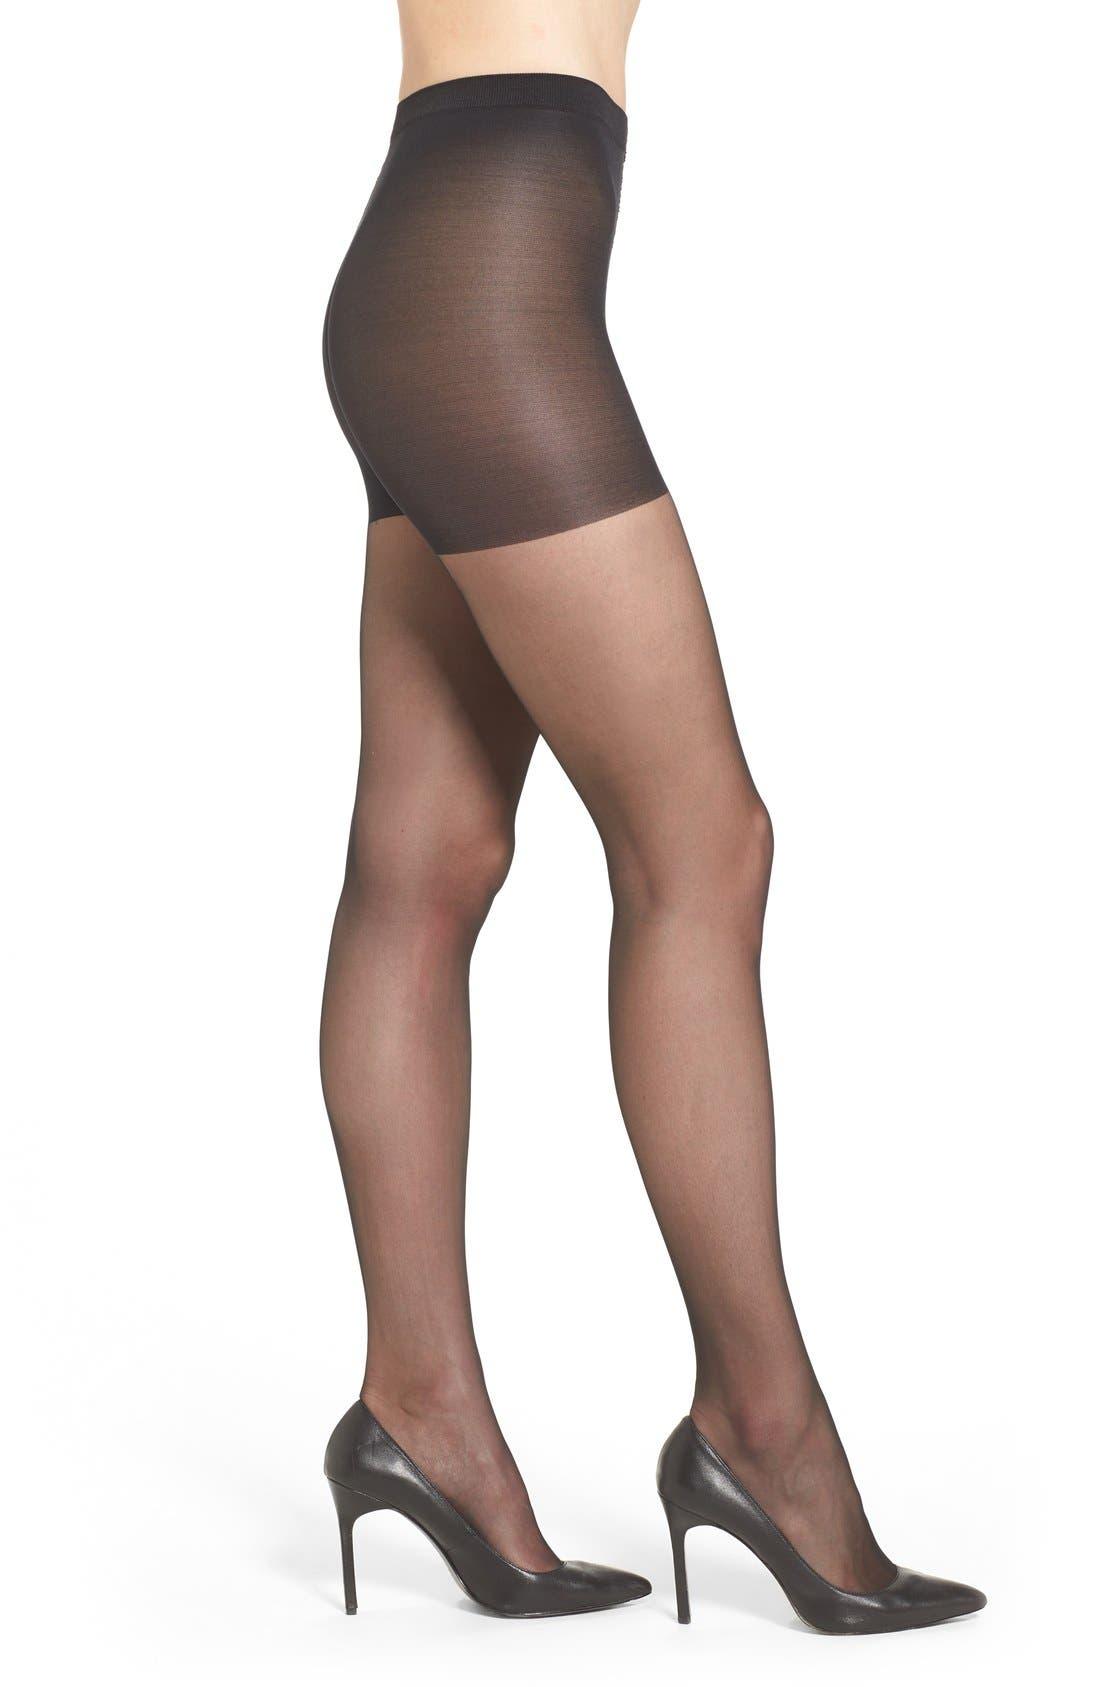 WOLFORD,                             Individual 10 Control Top Pantyhose,                             Main thumbnail 1, color,                             BLACK